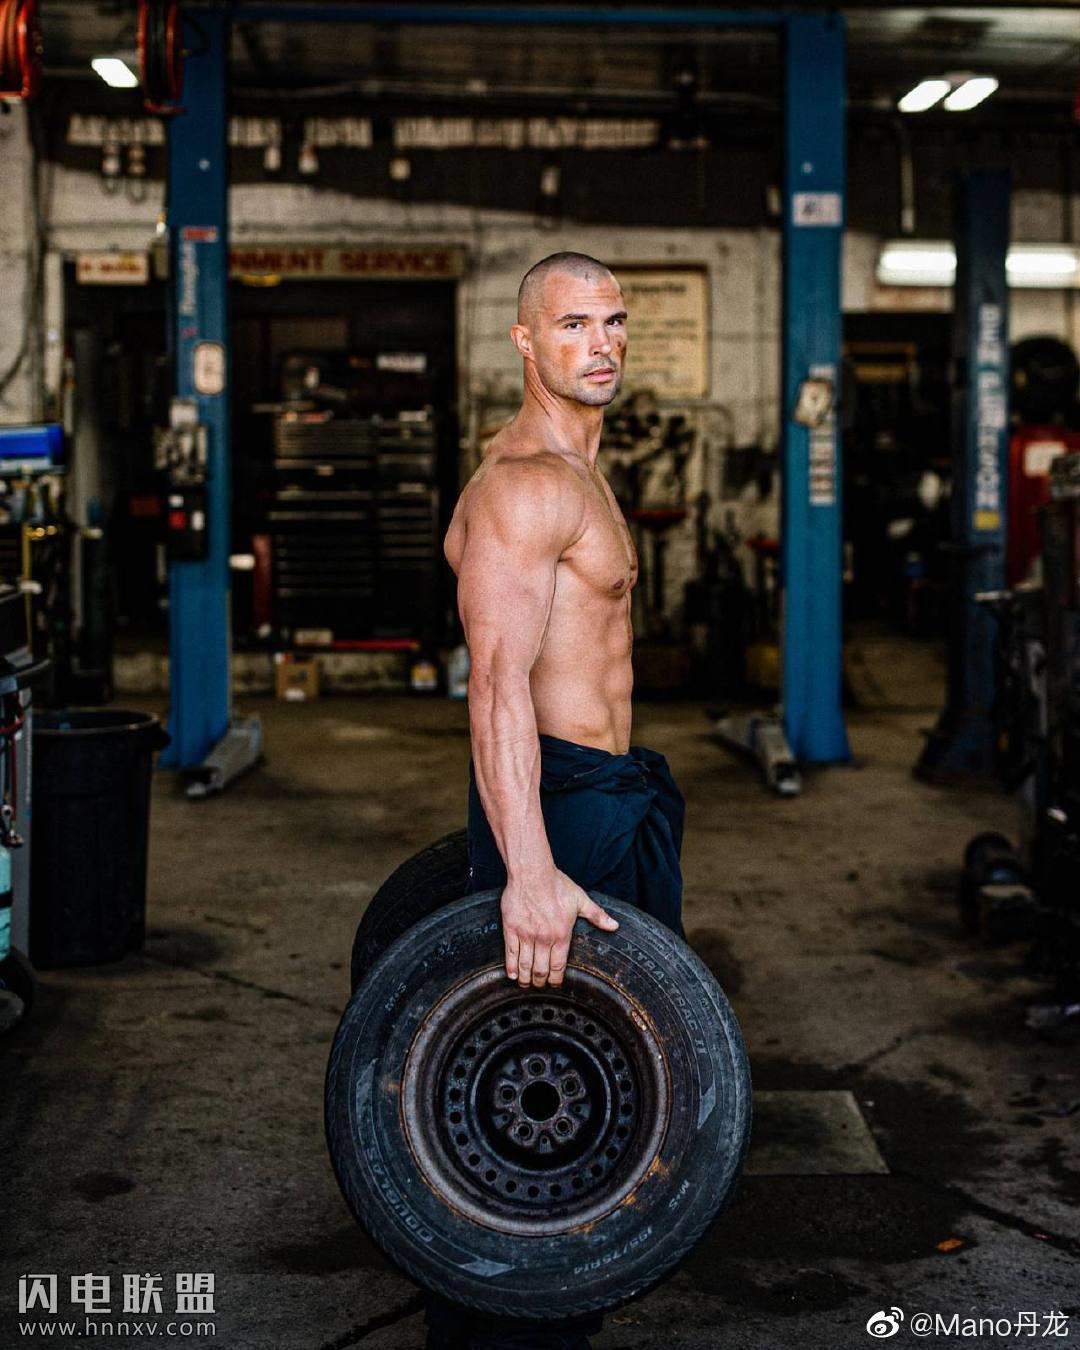 帅气美国肌肉帅哥照片